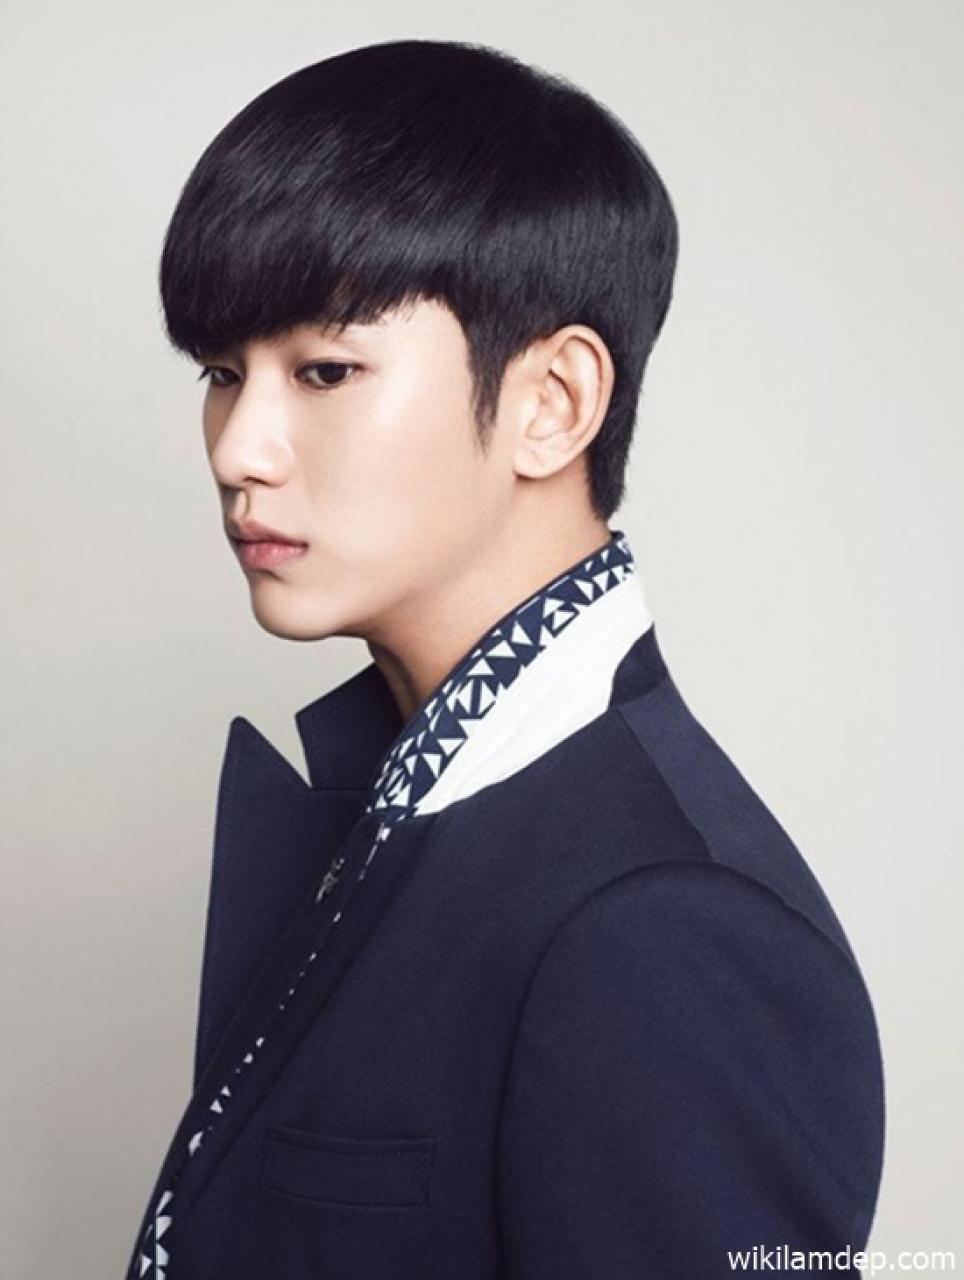 Tóc nam mái bằng đẹp phong cách cá tính ấn tượng như sao Hàn Quốc